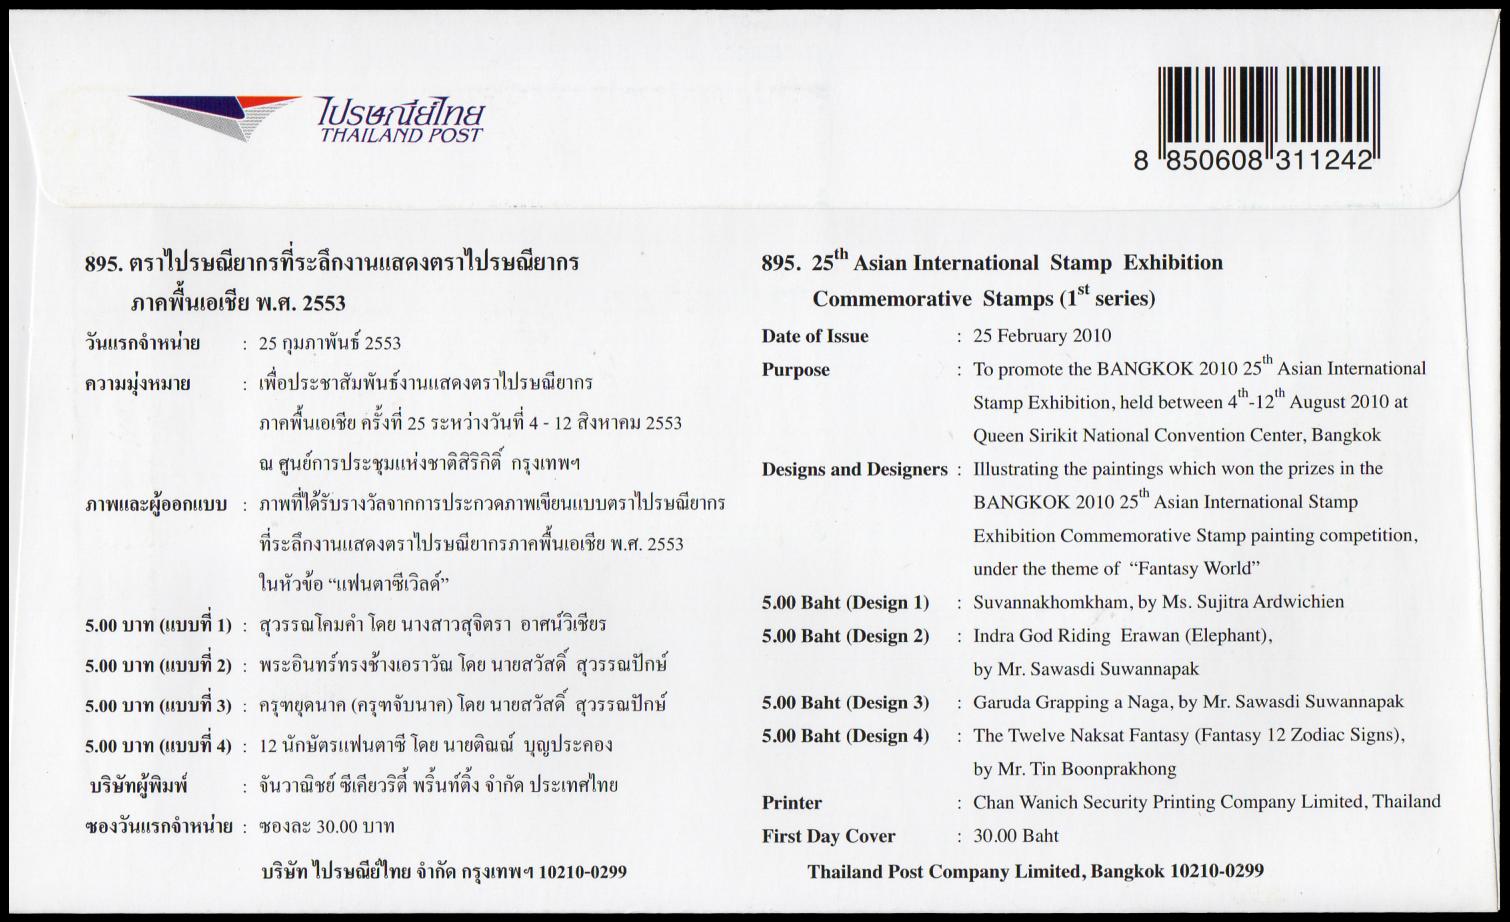 Kc Paper Thailand